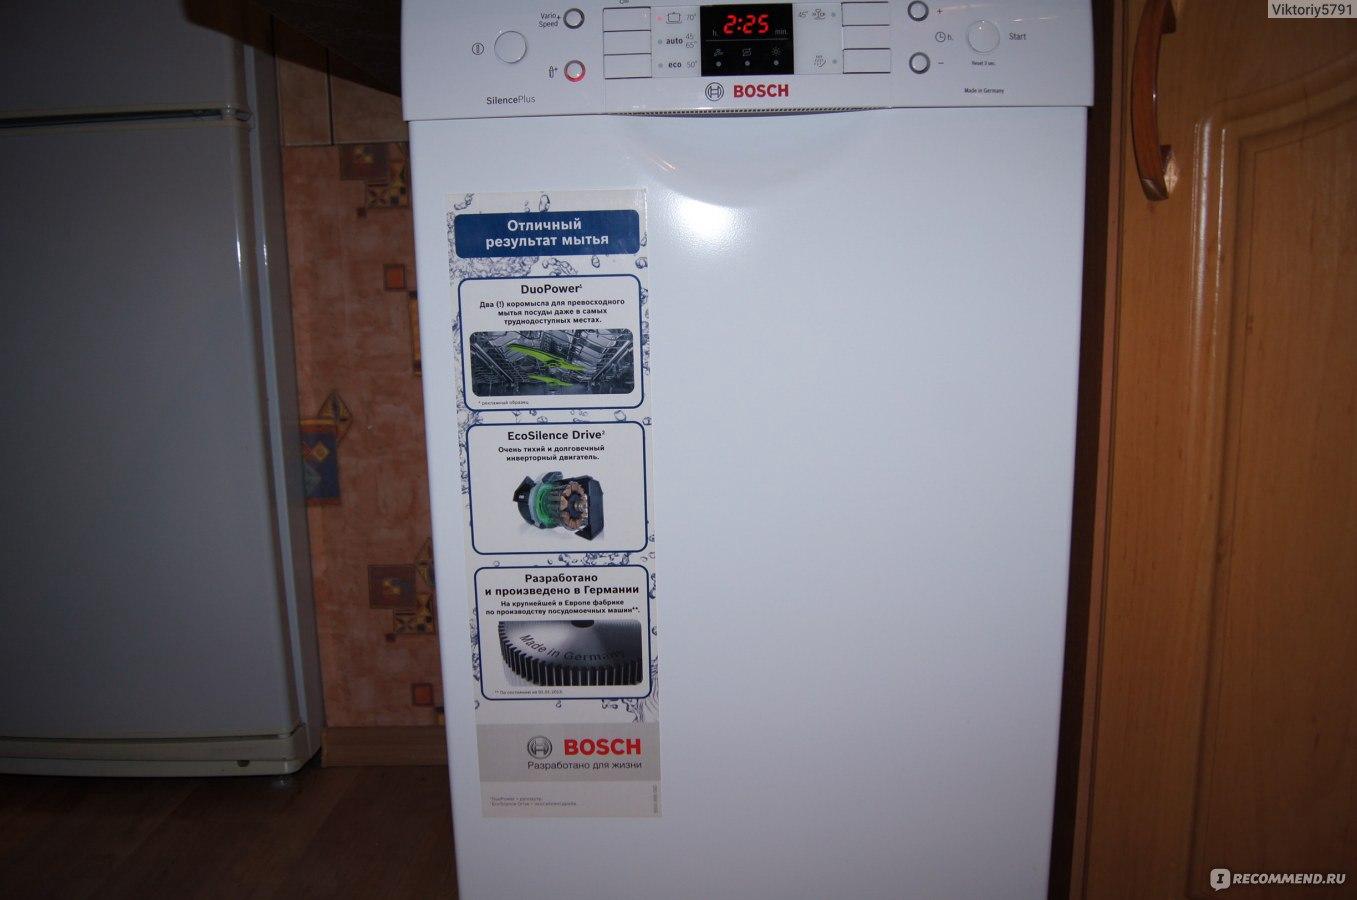 инструкция по пользованию посудомоечной машин